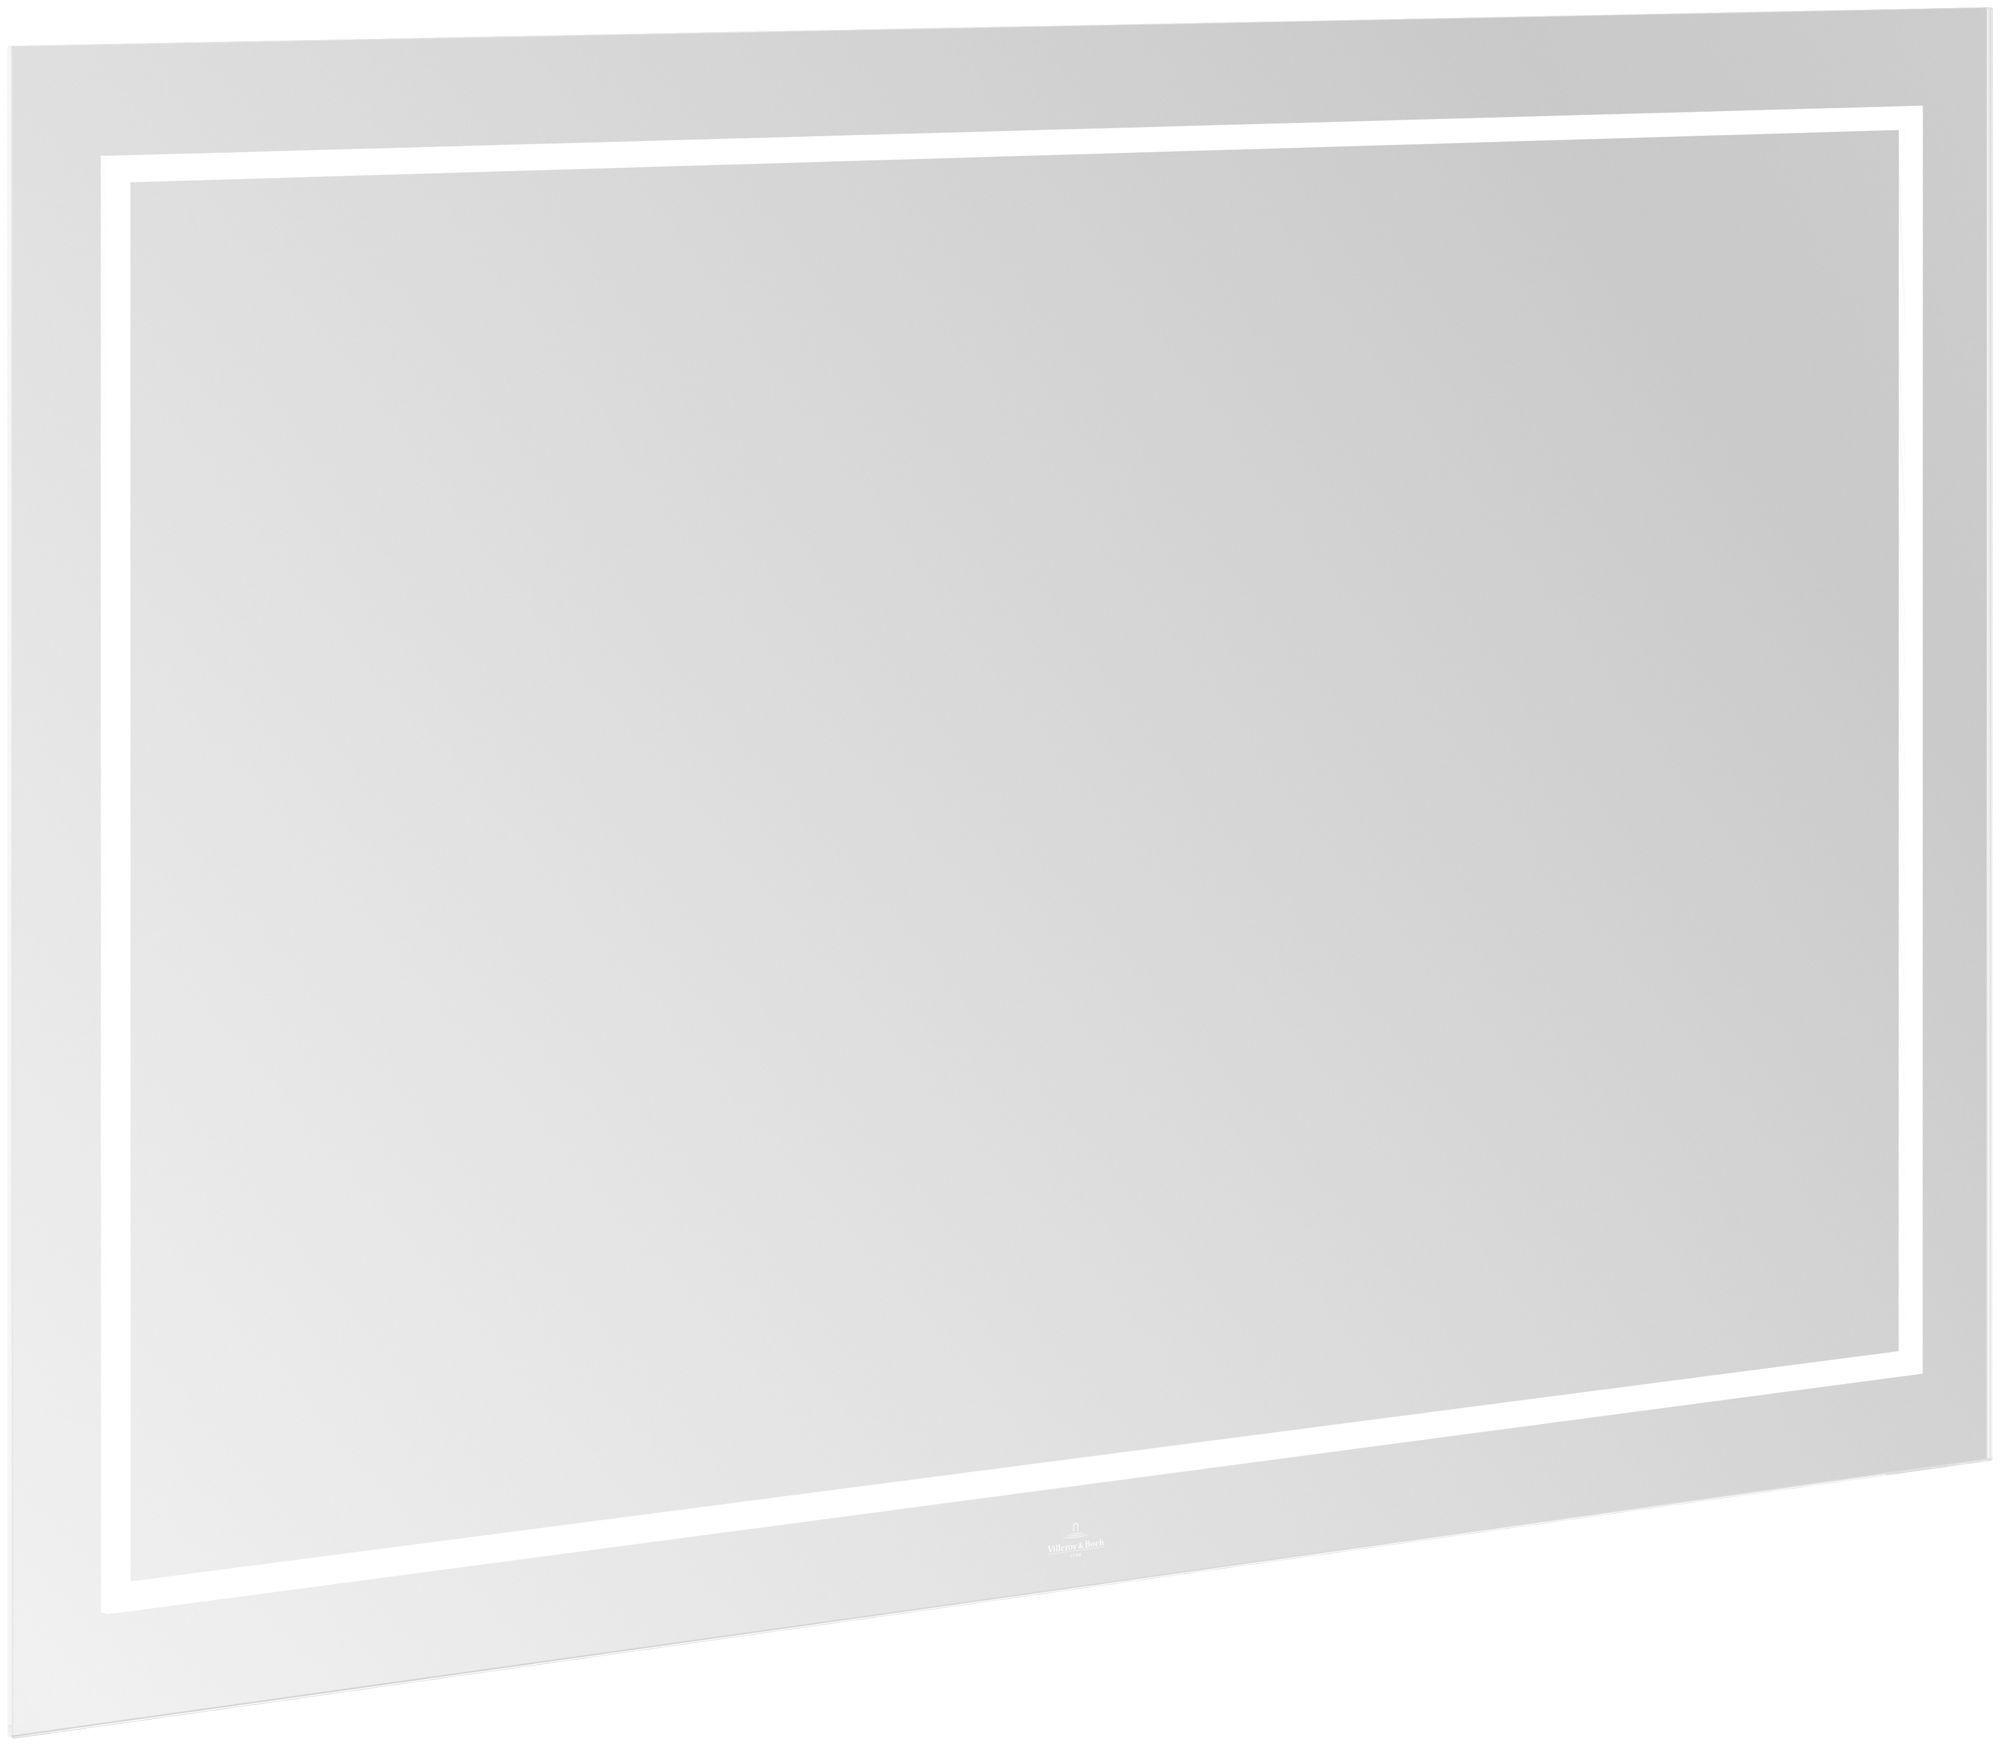 Villeroy & Boch Finion F600 Spiegel LED-Beleuchtung B:120xH:75xT:4,5cm F6001200